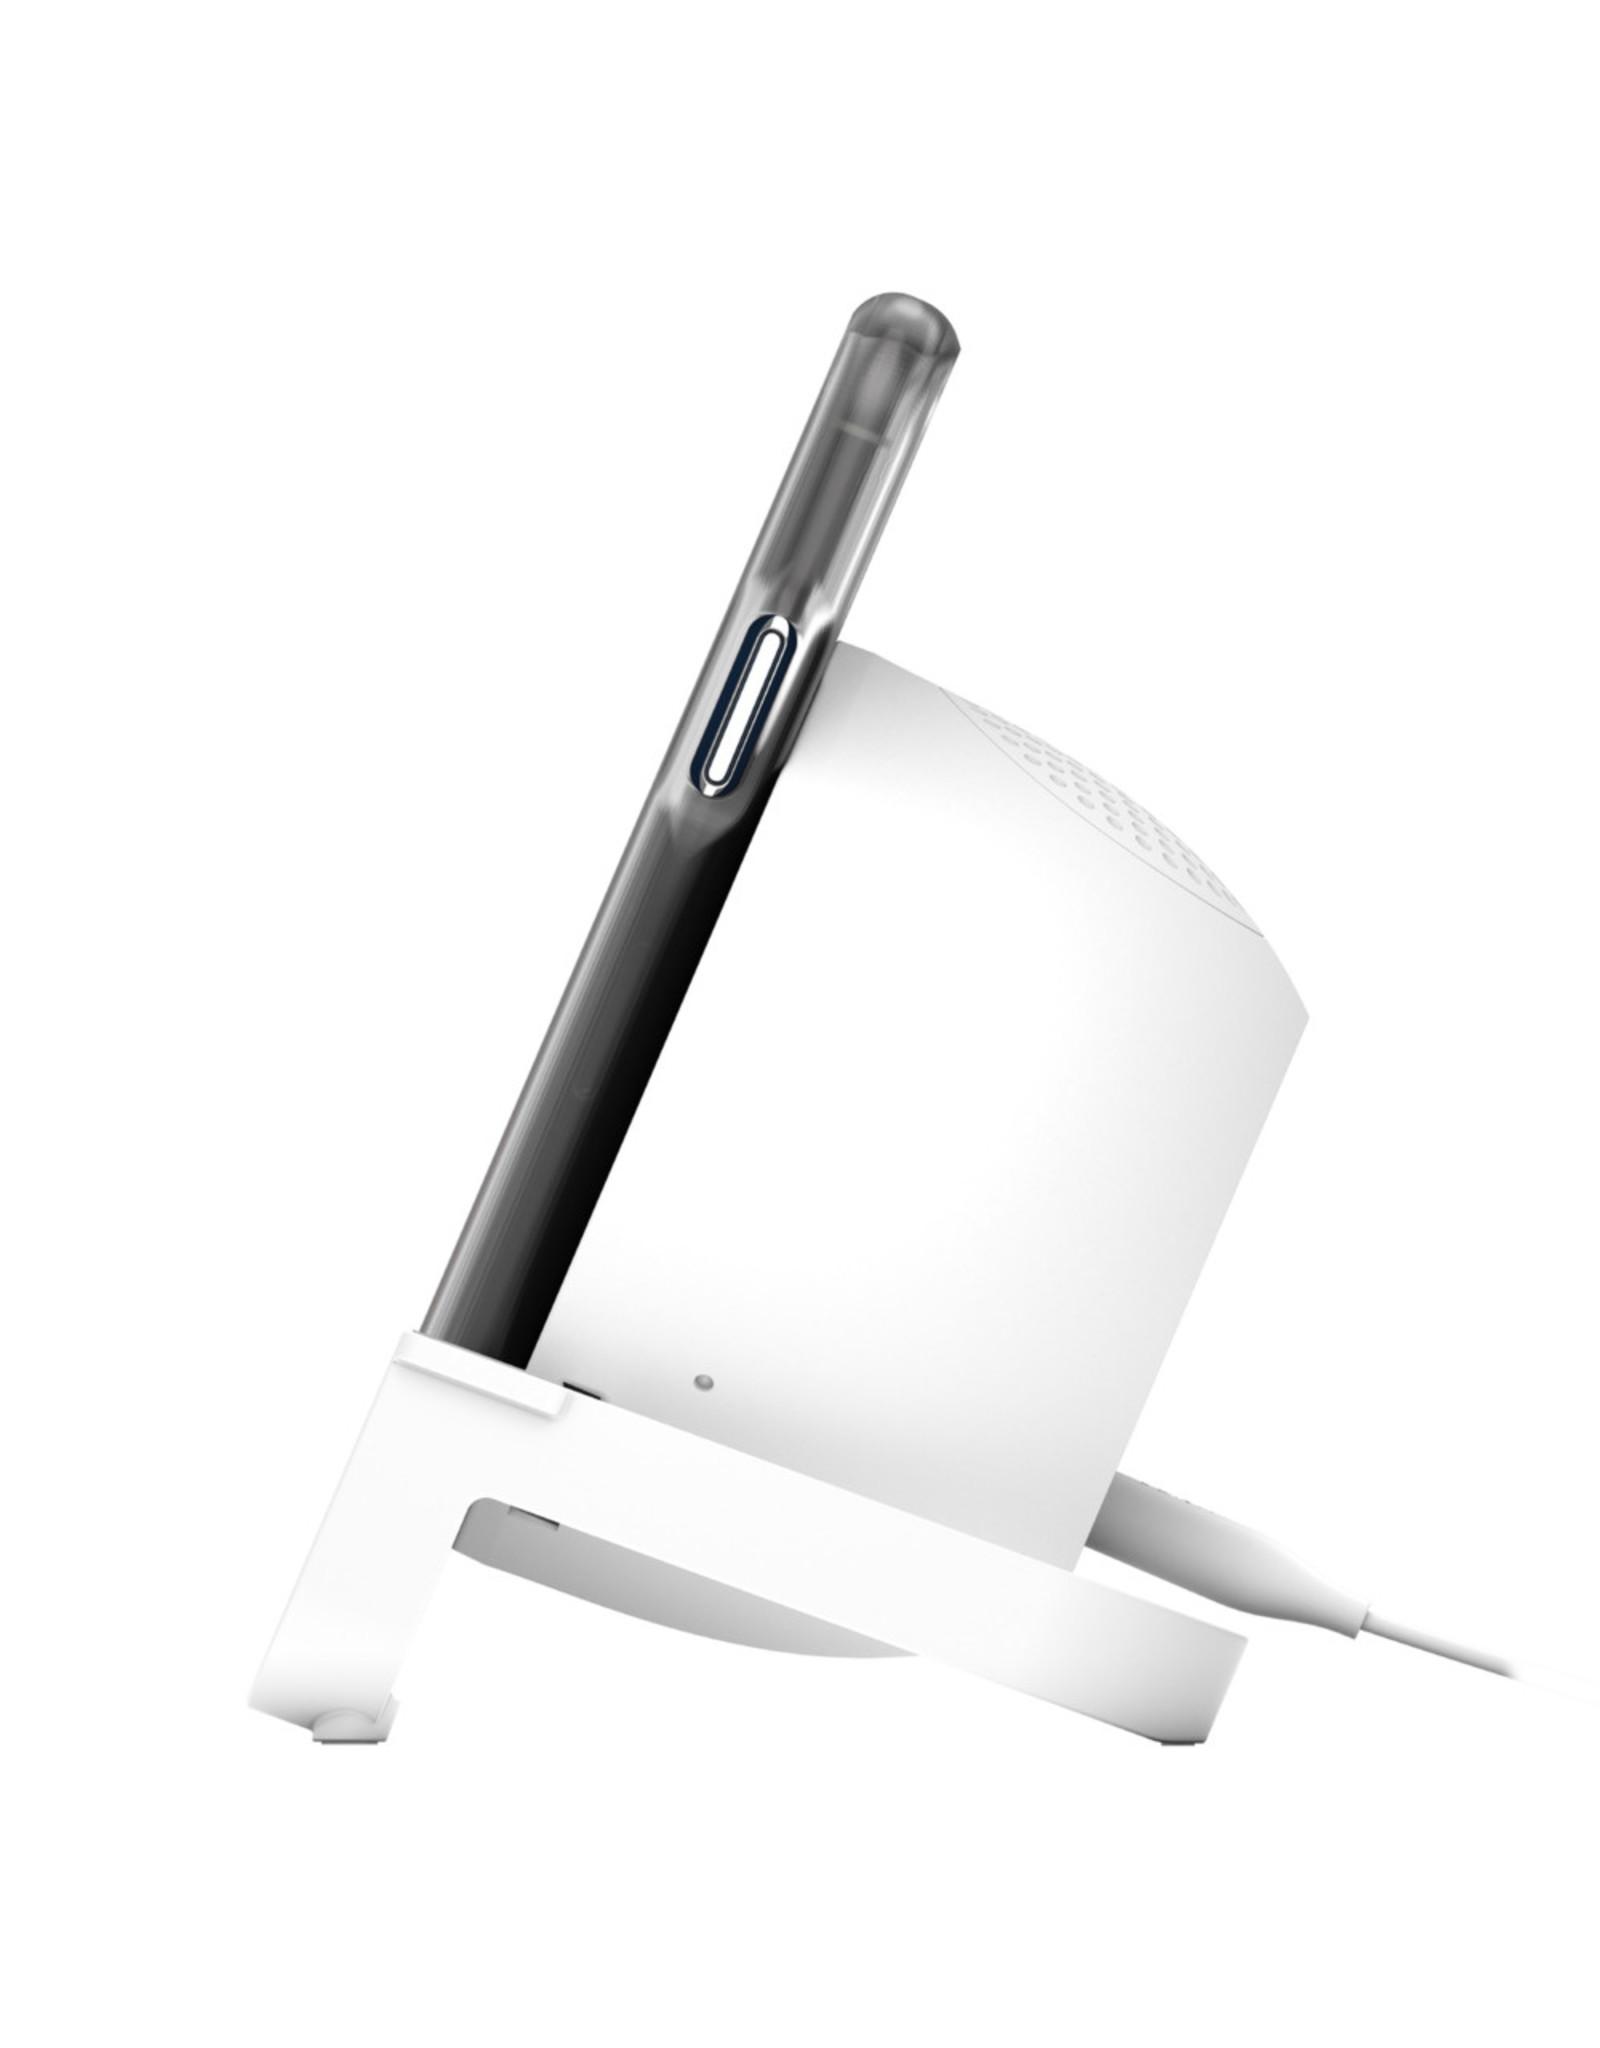 Belkin Belkin BOOST CHARGE draadloze laadstandaard + luidspreker